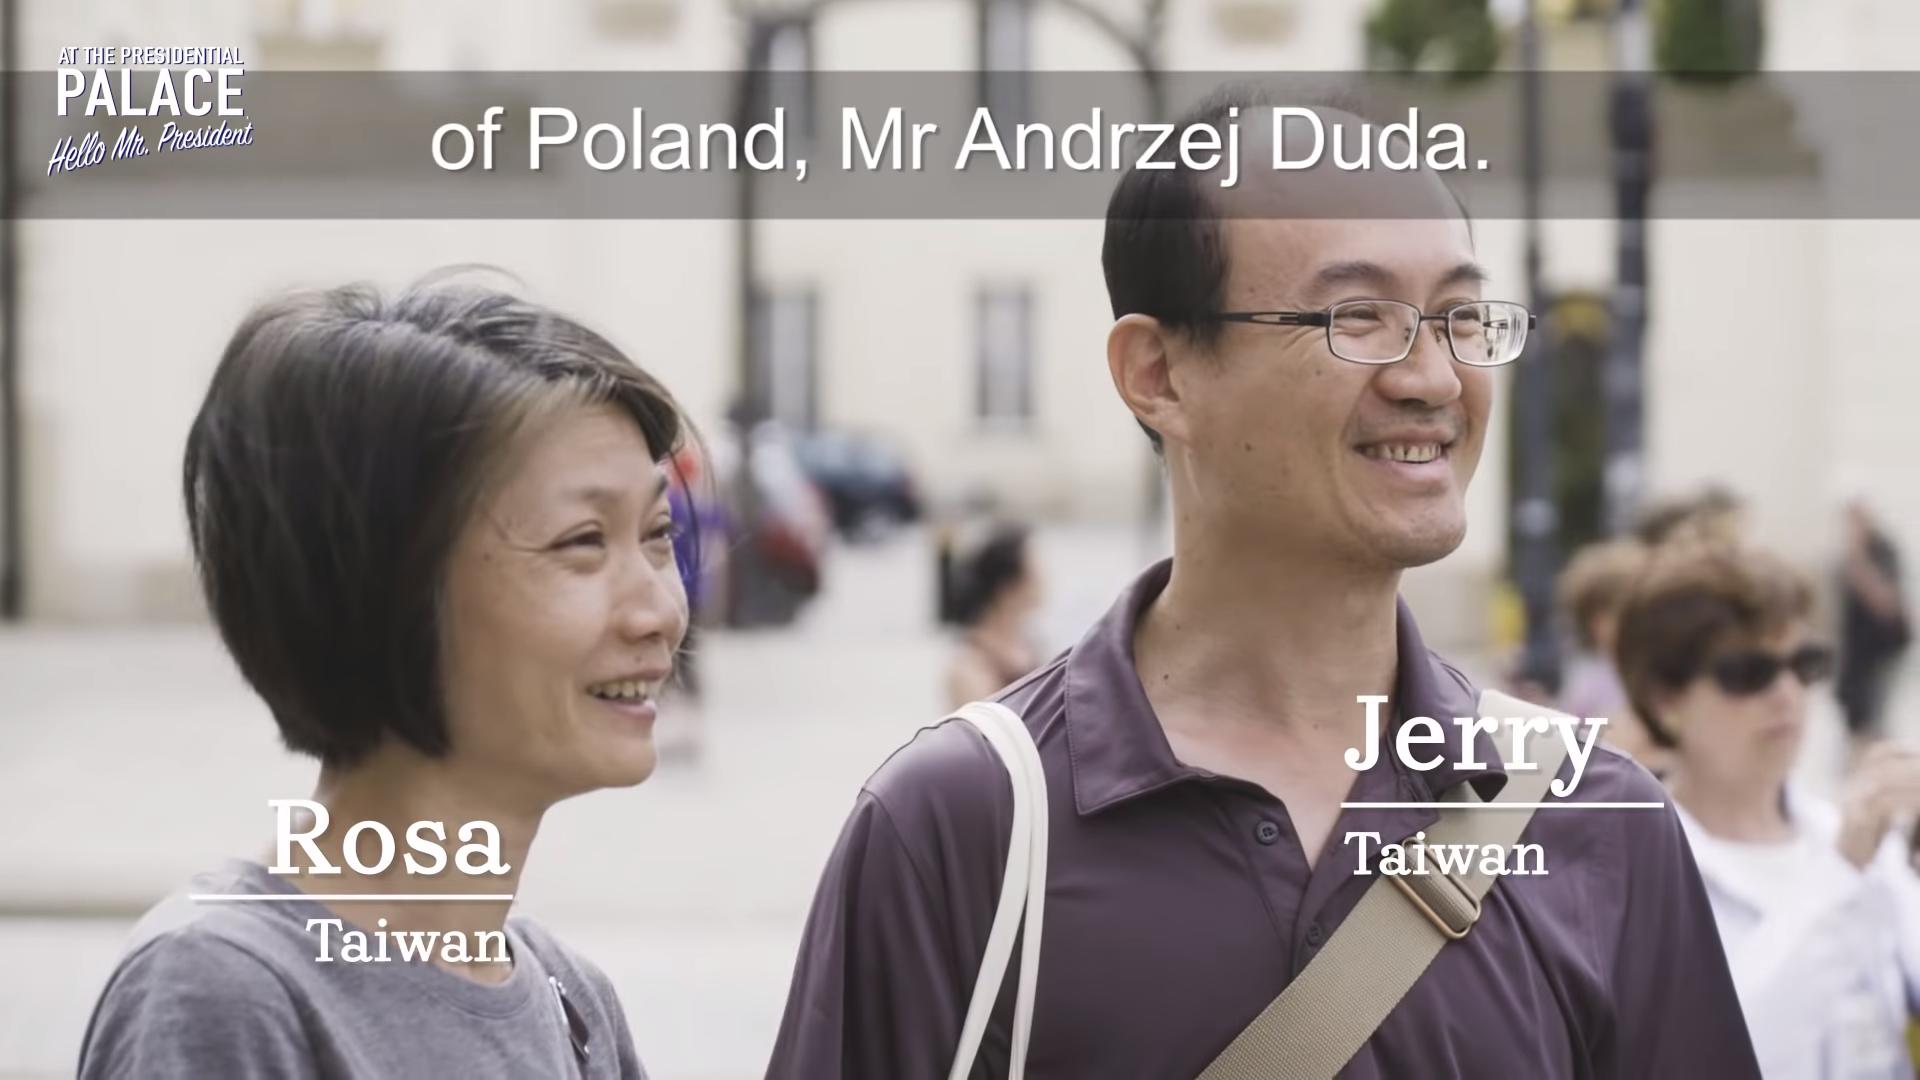 波蘭宣傳國家出新招,邀請觀光客與總統杜達一起下午茶,2名台灣人幸運被選中(翻攝影片)